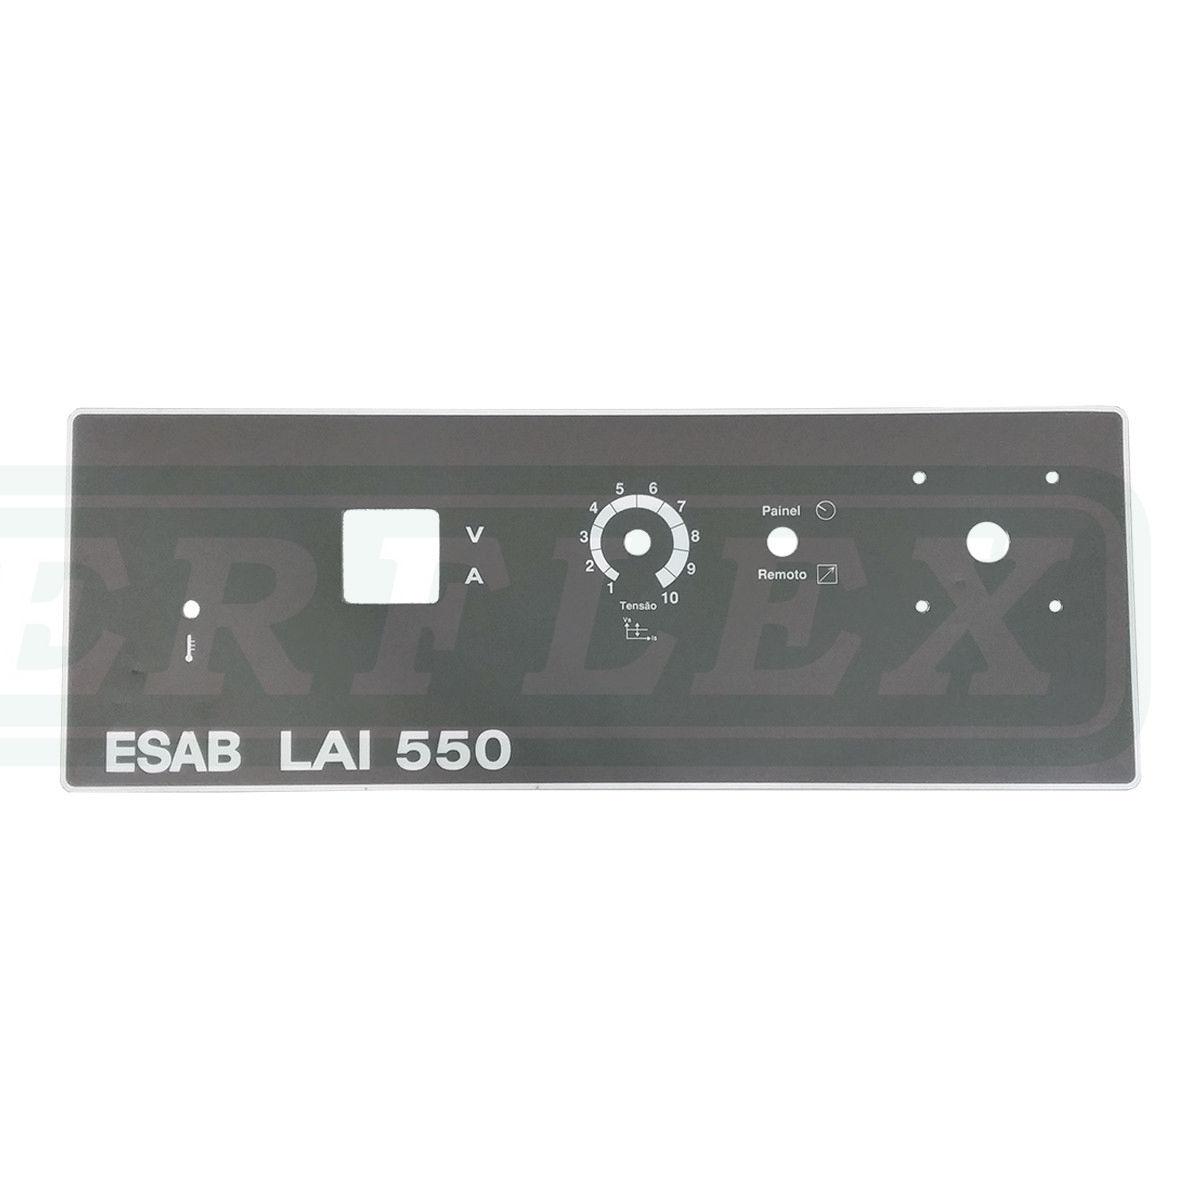 ETIQUETA PAINEL FRONTAL SUPERIOR LAI 550 0903912 ESAB